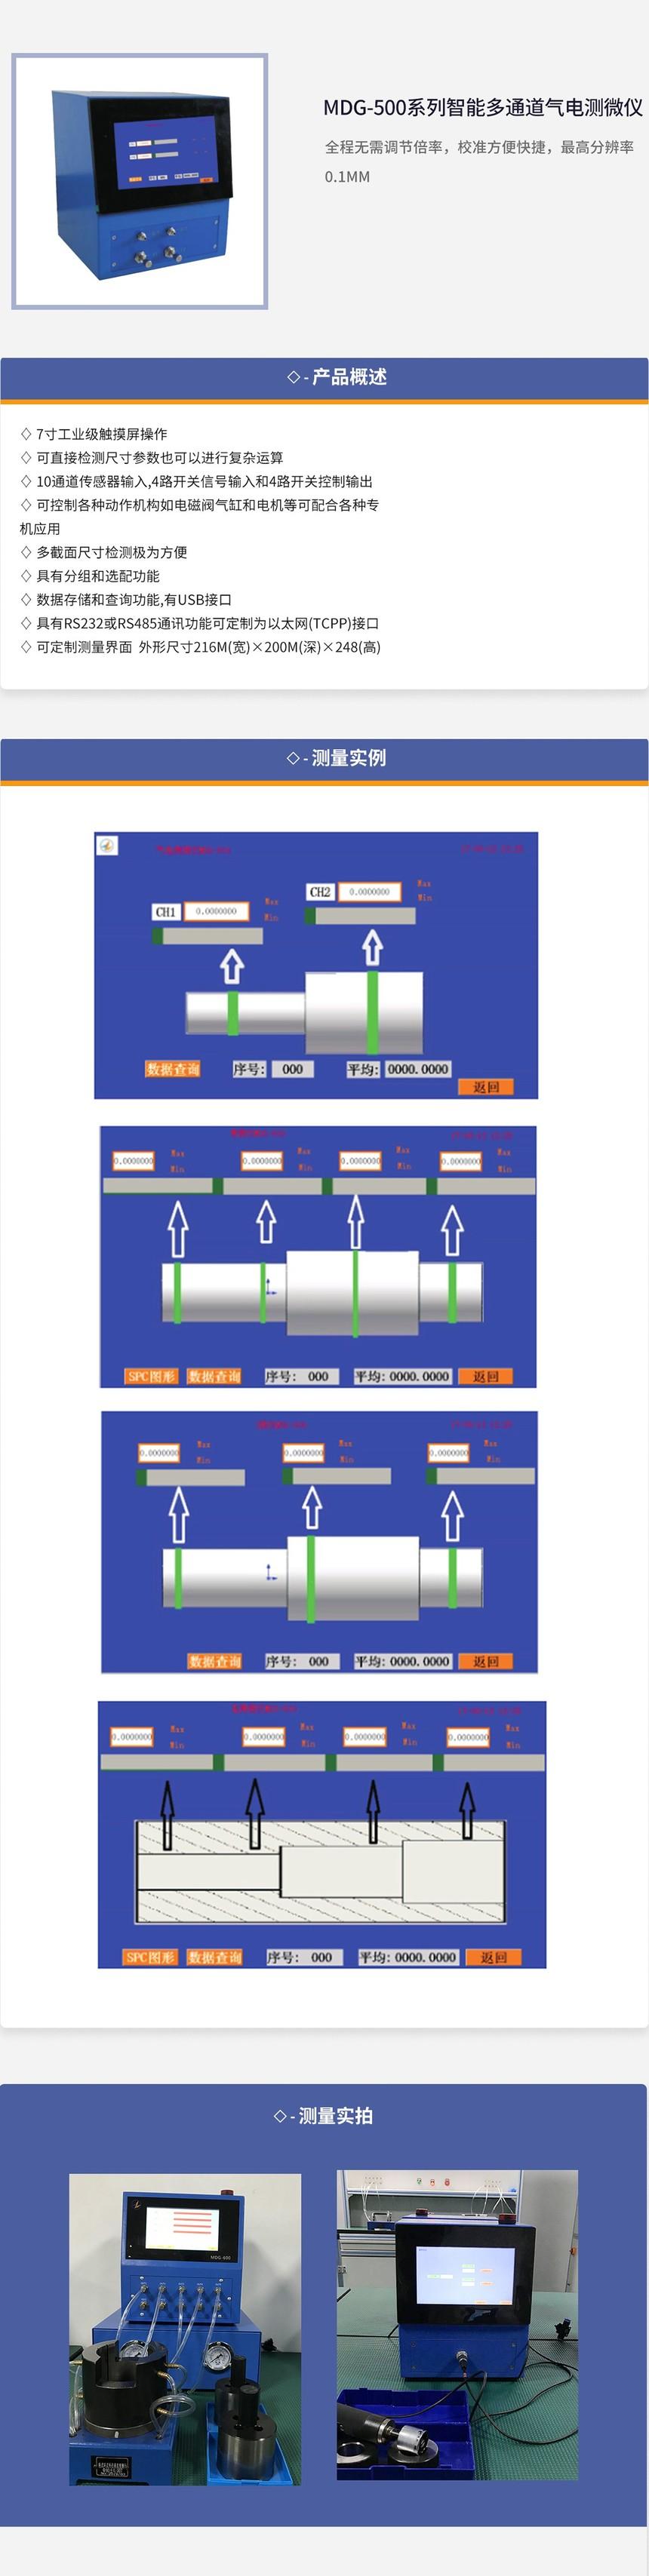 MDG-500系列智能多通道气电测微仪_02.jpg